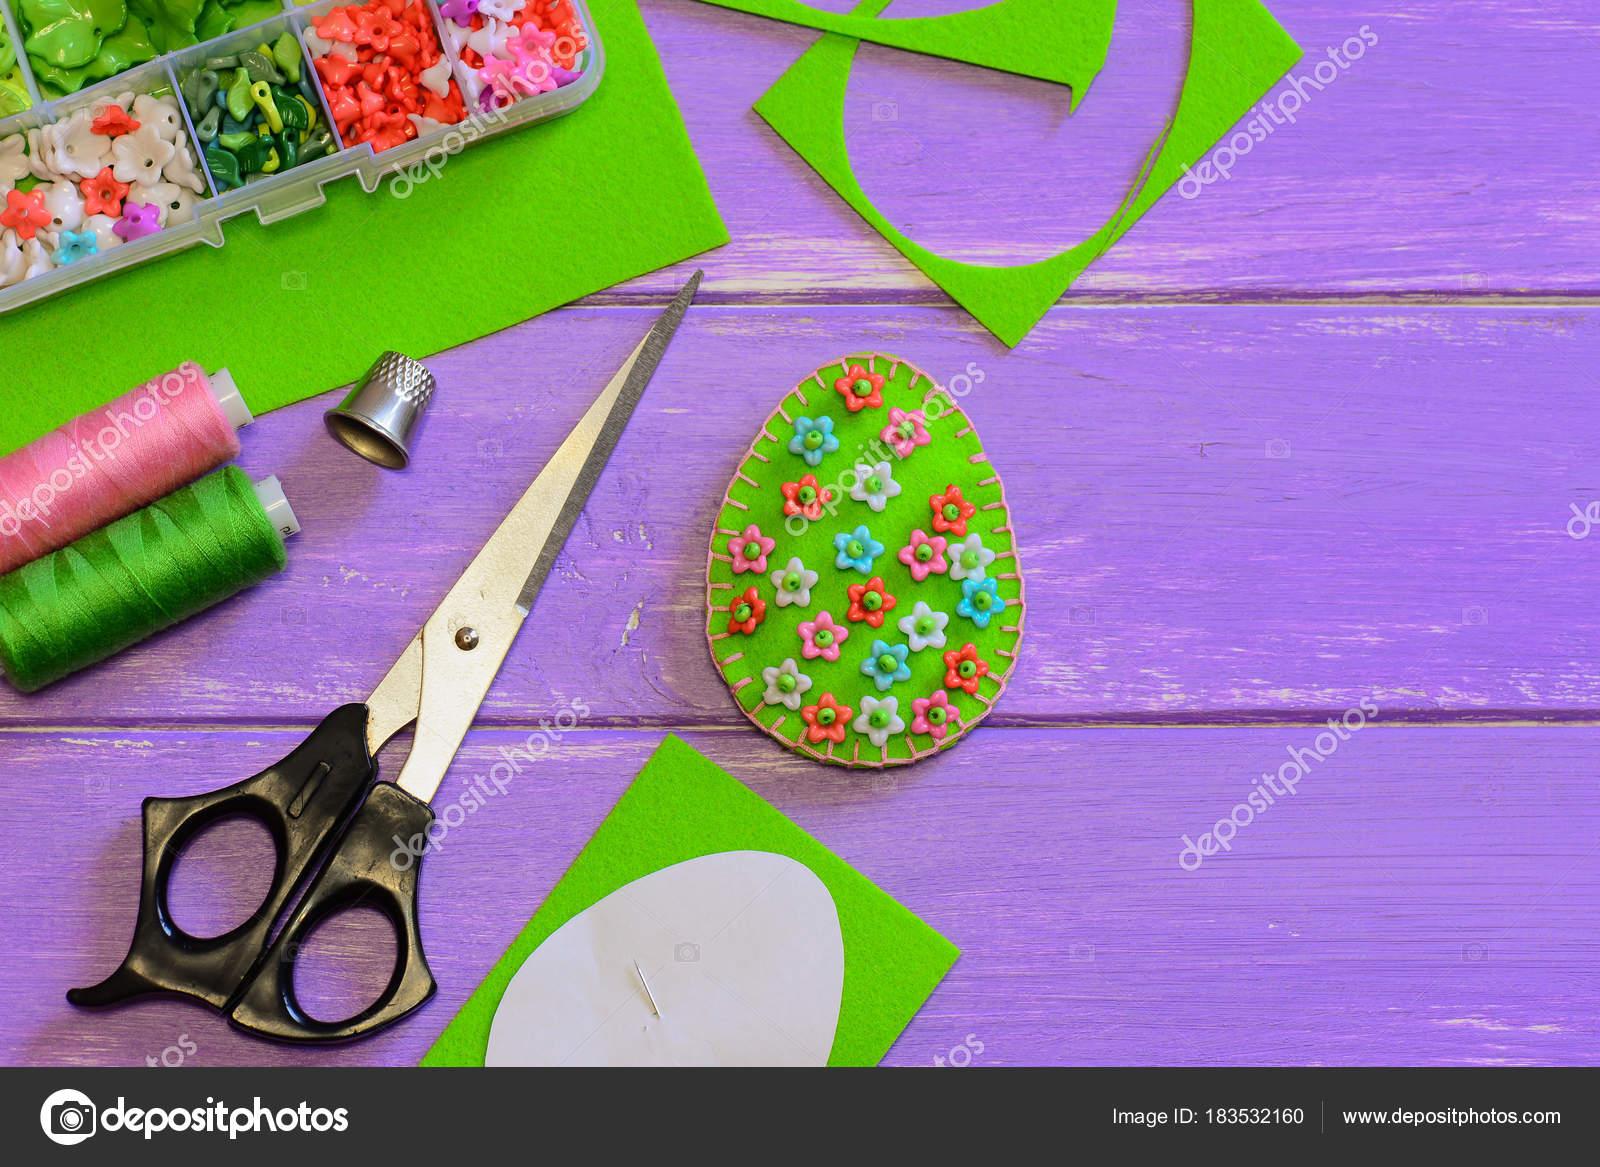 Osterei Dekor Mit Blumen Muster Dekor Schere Papier Vorlage